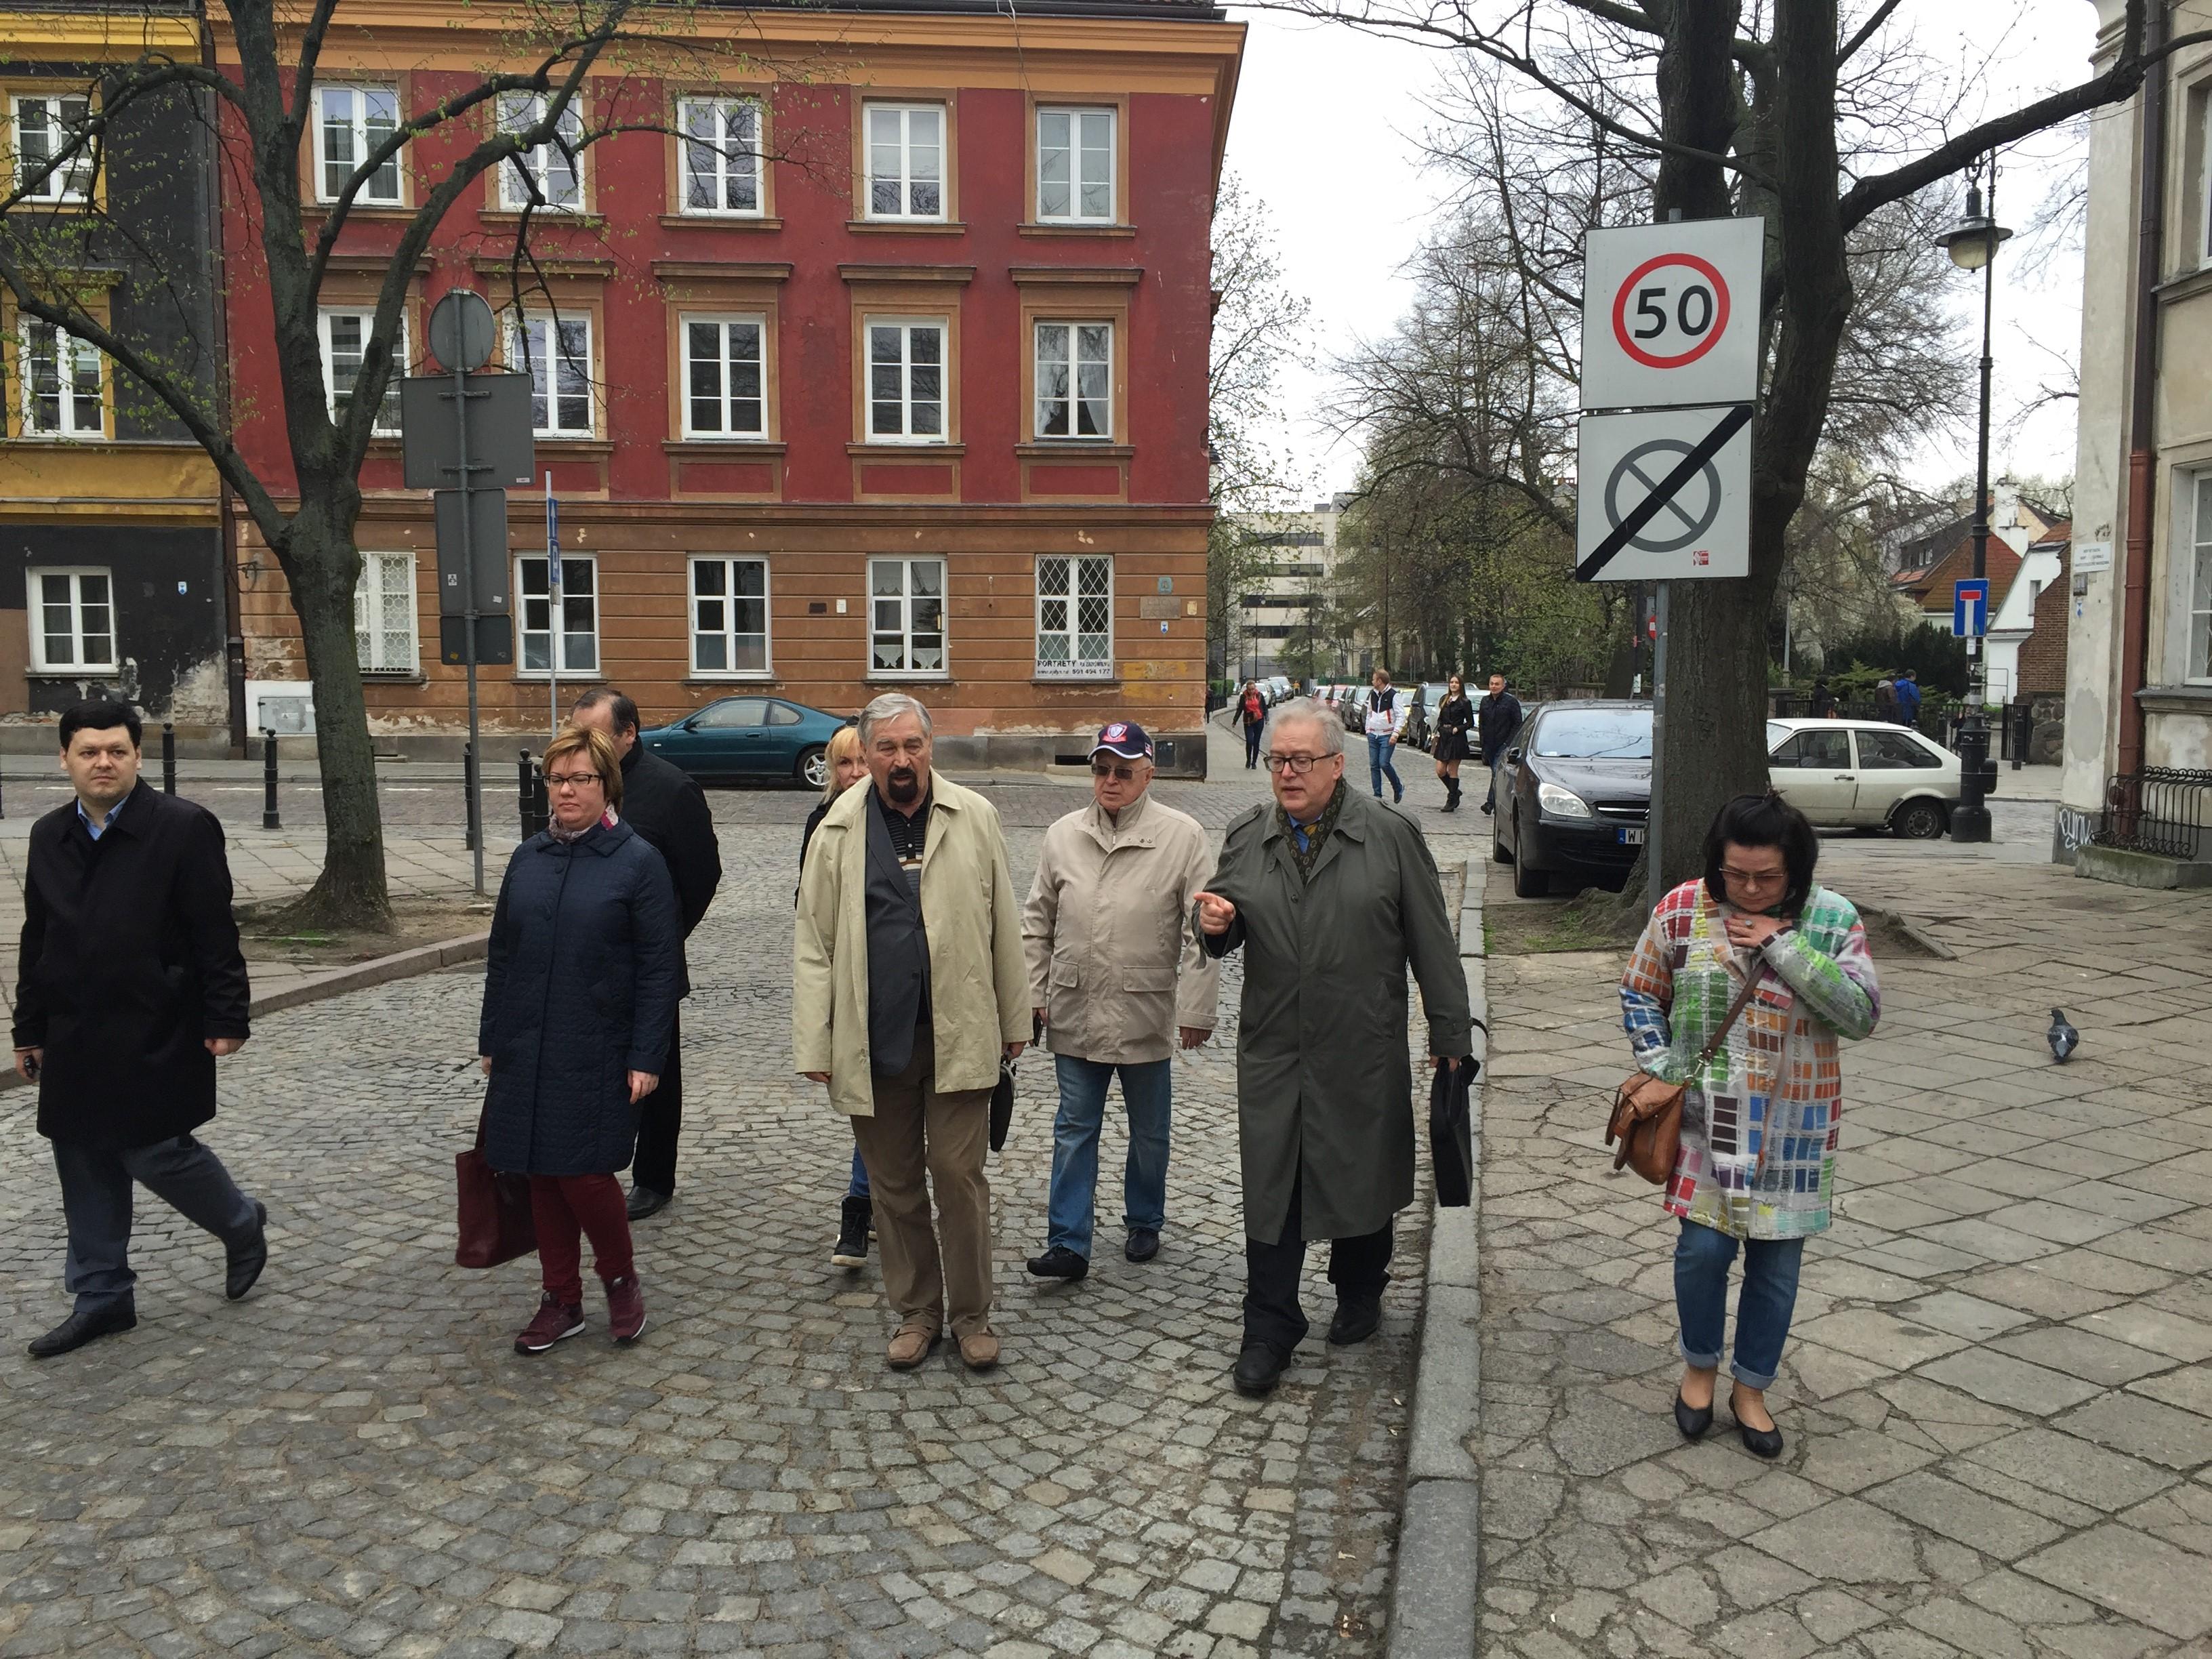 Экскурсию по Варшаве проводит почетный профессор Московской академии экономики и права, профессор Варшавского университета И. Граля